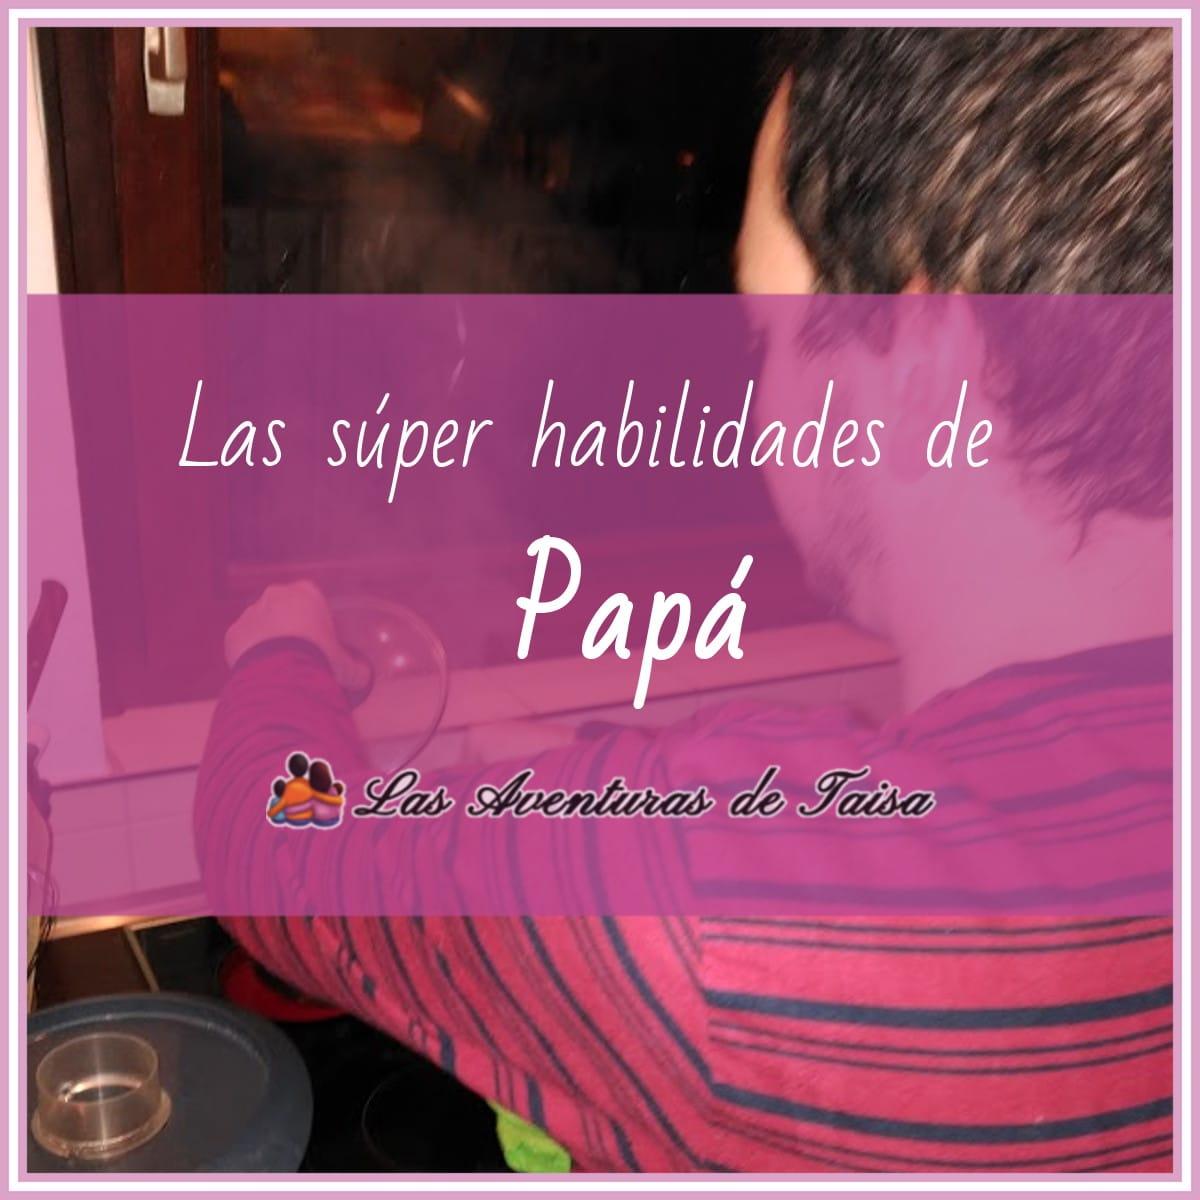 Las 5 super habilidades de Papá